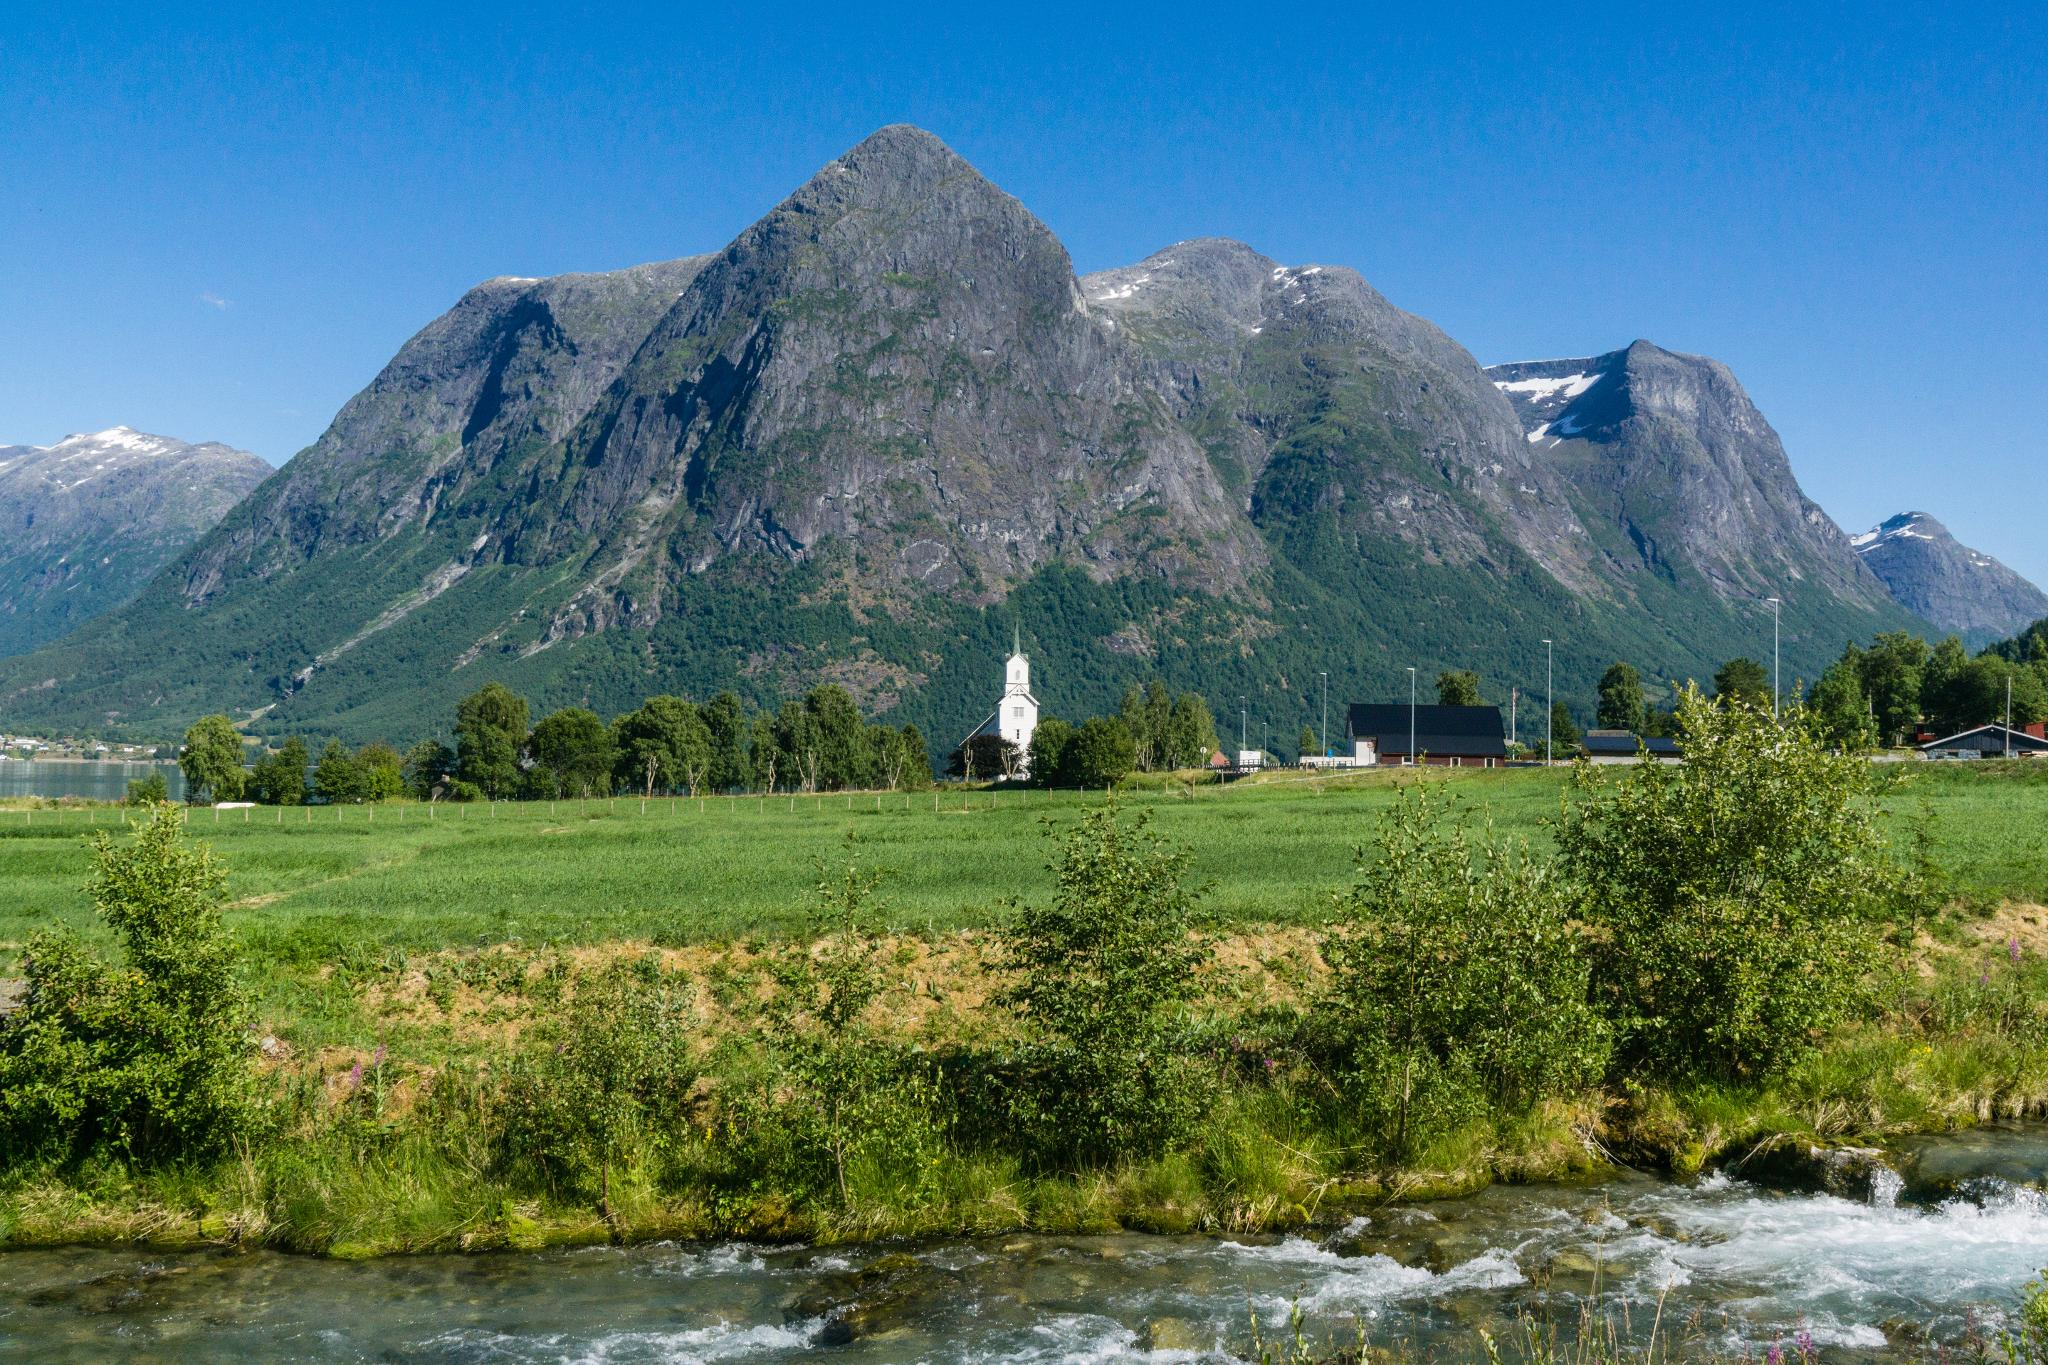 【北歐景點】朝聖歐洲大陸最大的冰河 - 挪威約詩達特冰河國家公園 (Jostedalsbreen National Park) 5